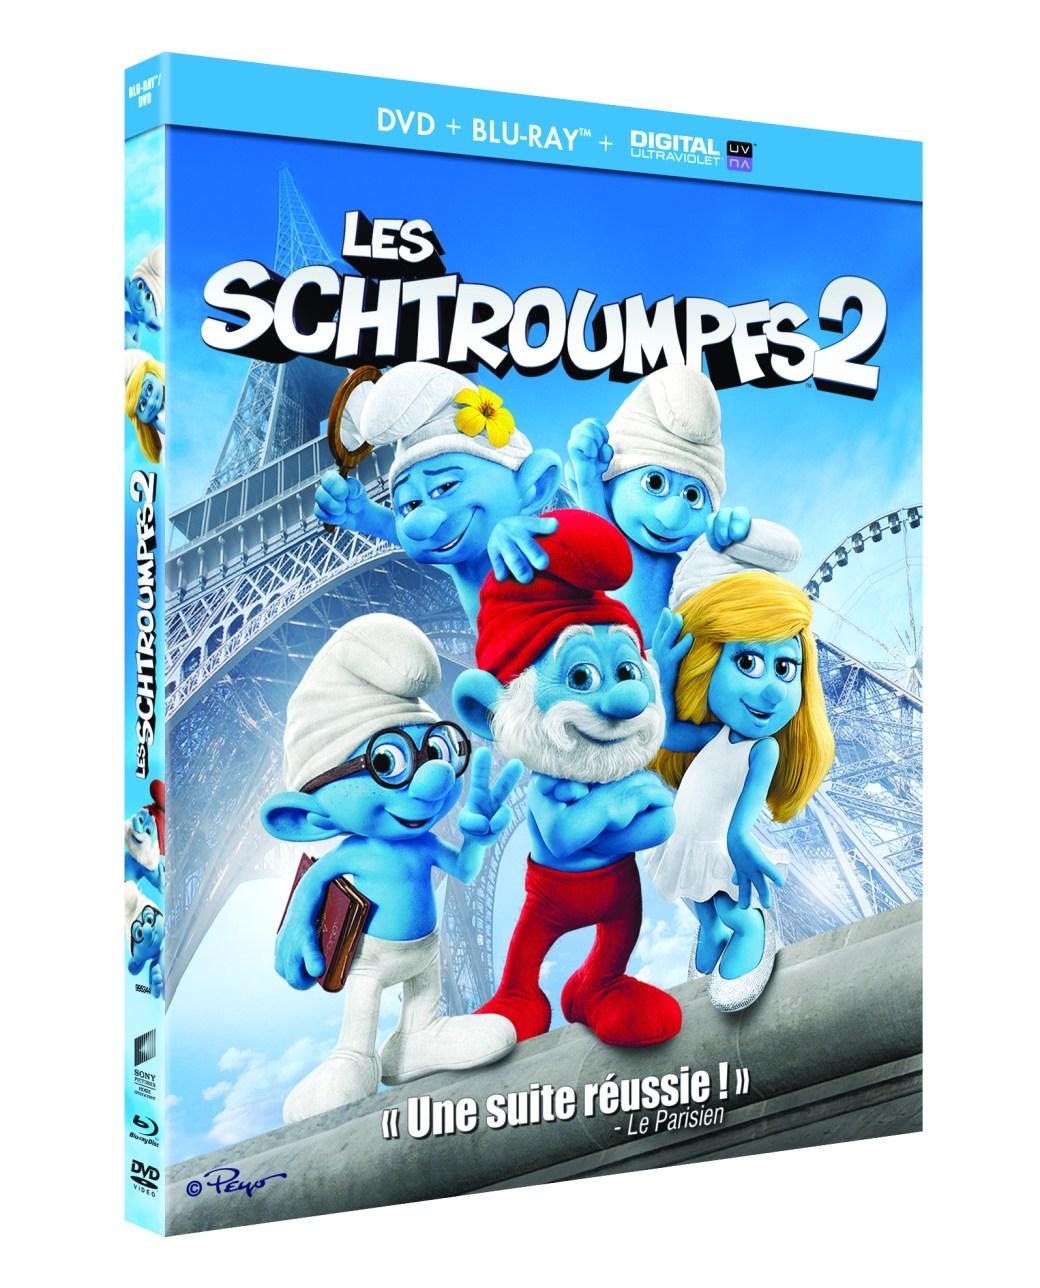 LES SCHTROUMPFS 2_3D_BD+DVD DEF